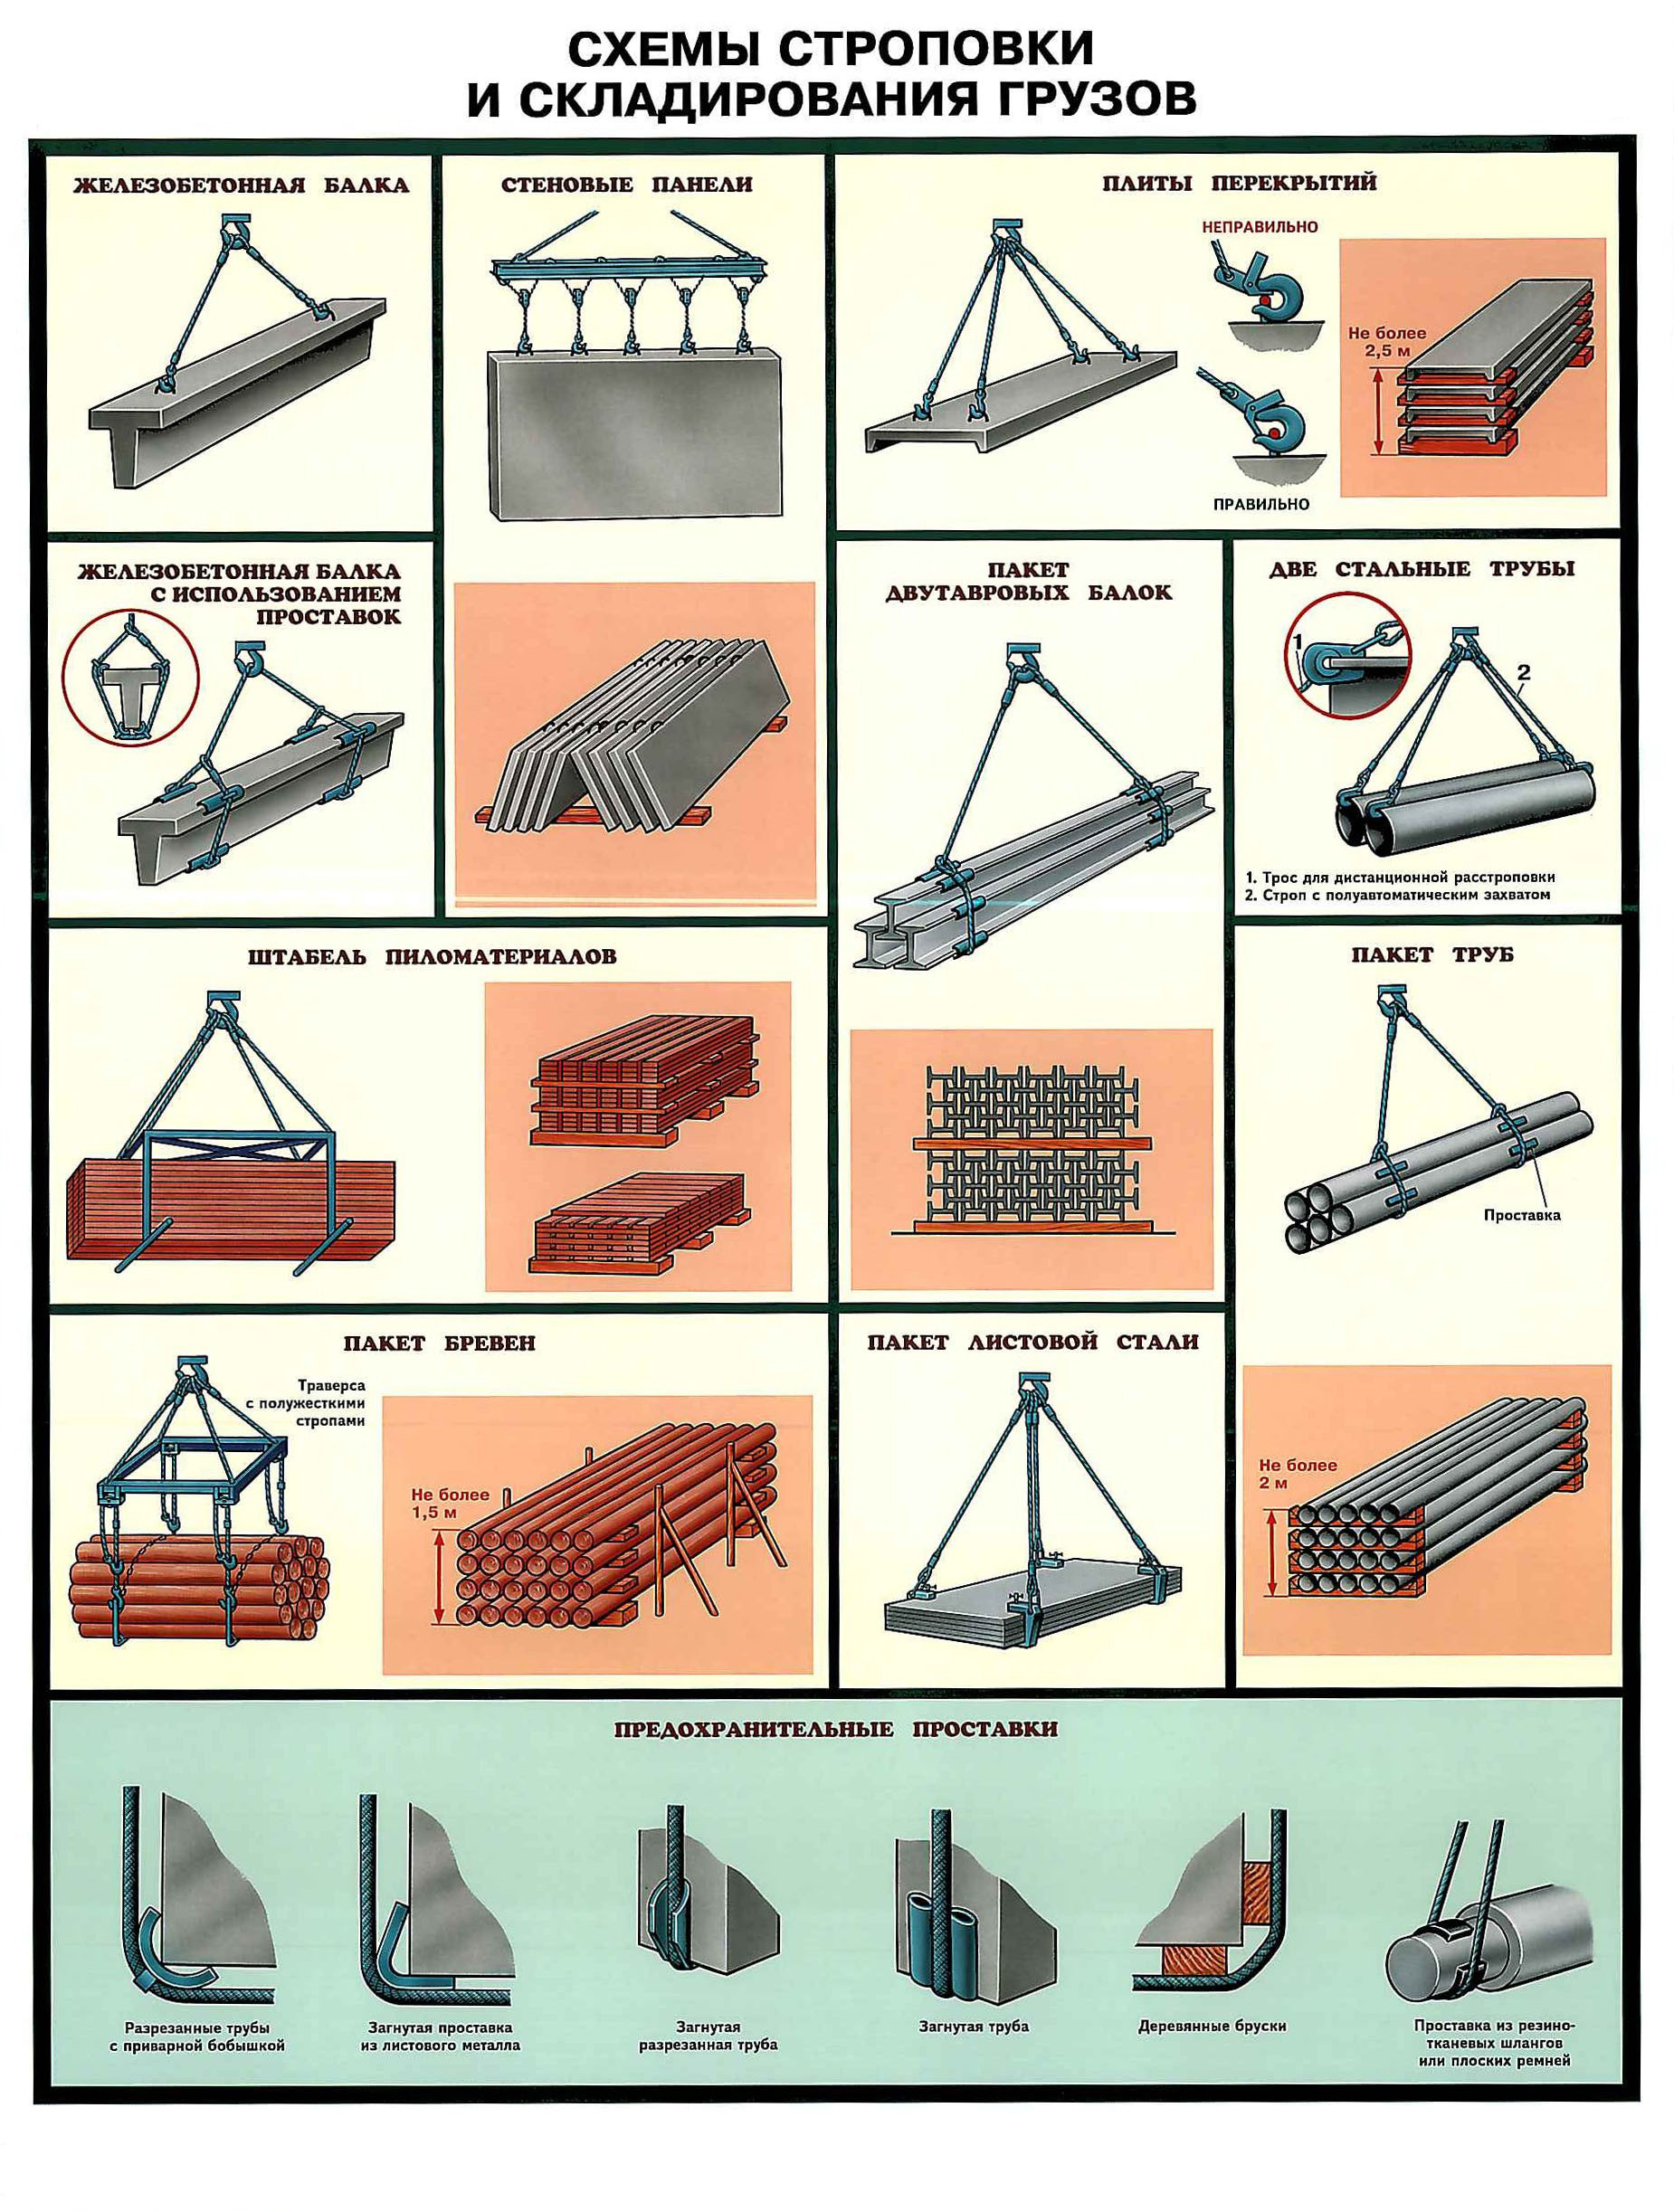 картинки схемы строповки грузов